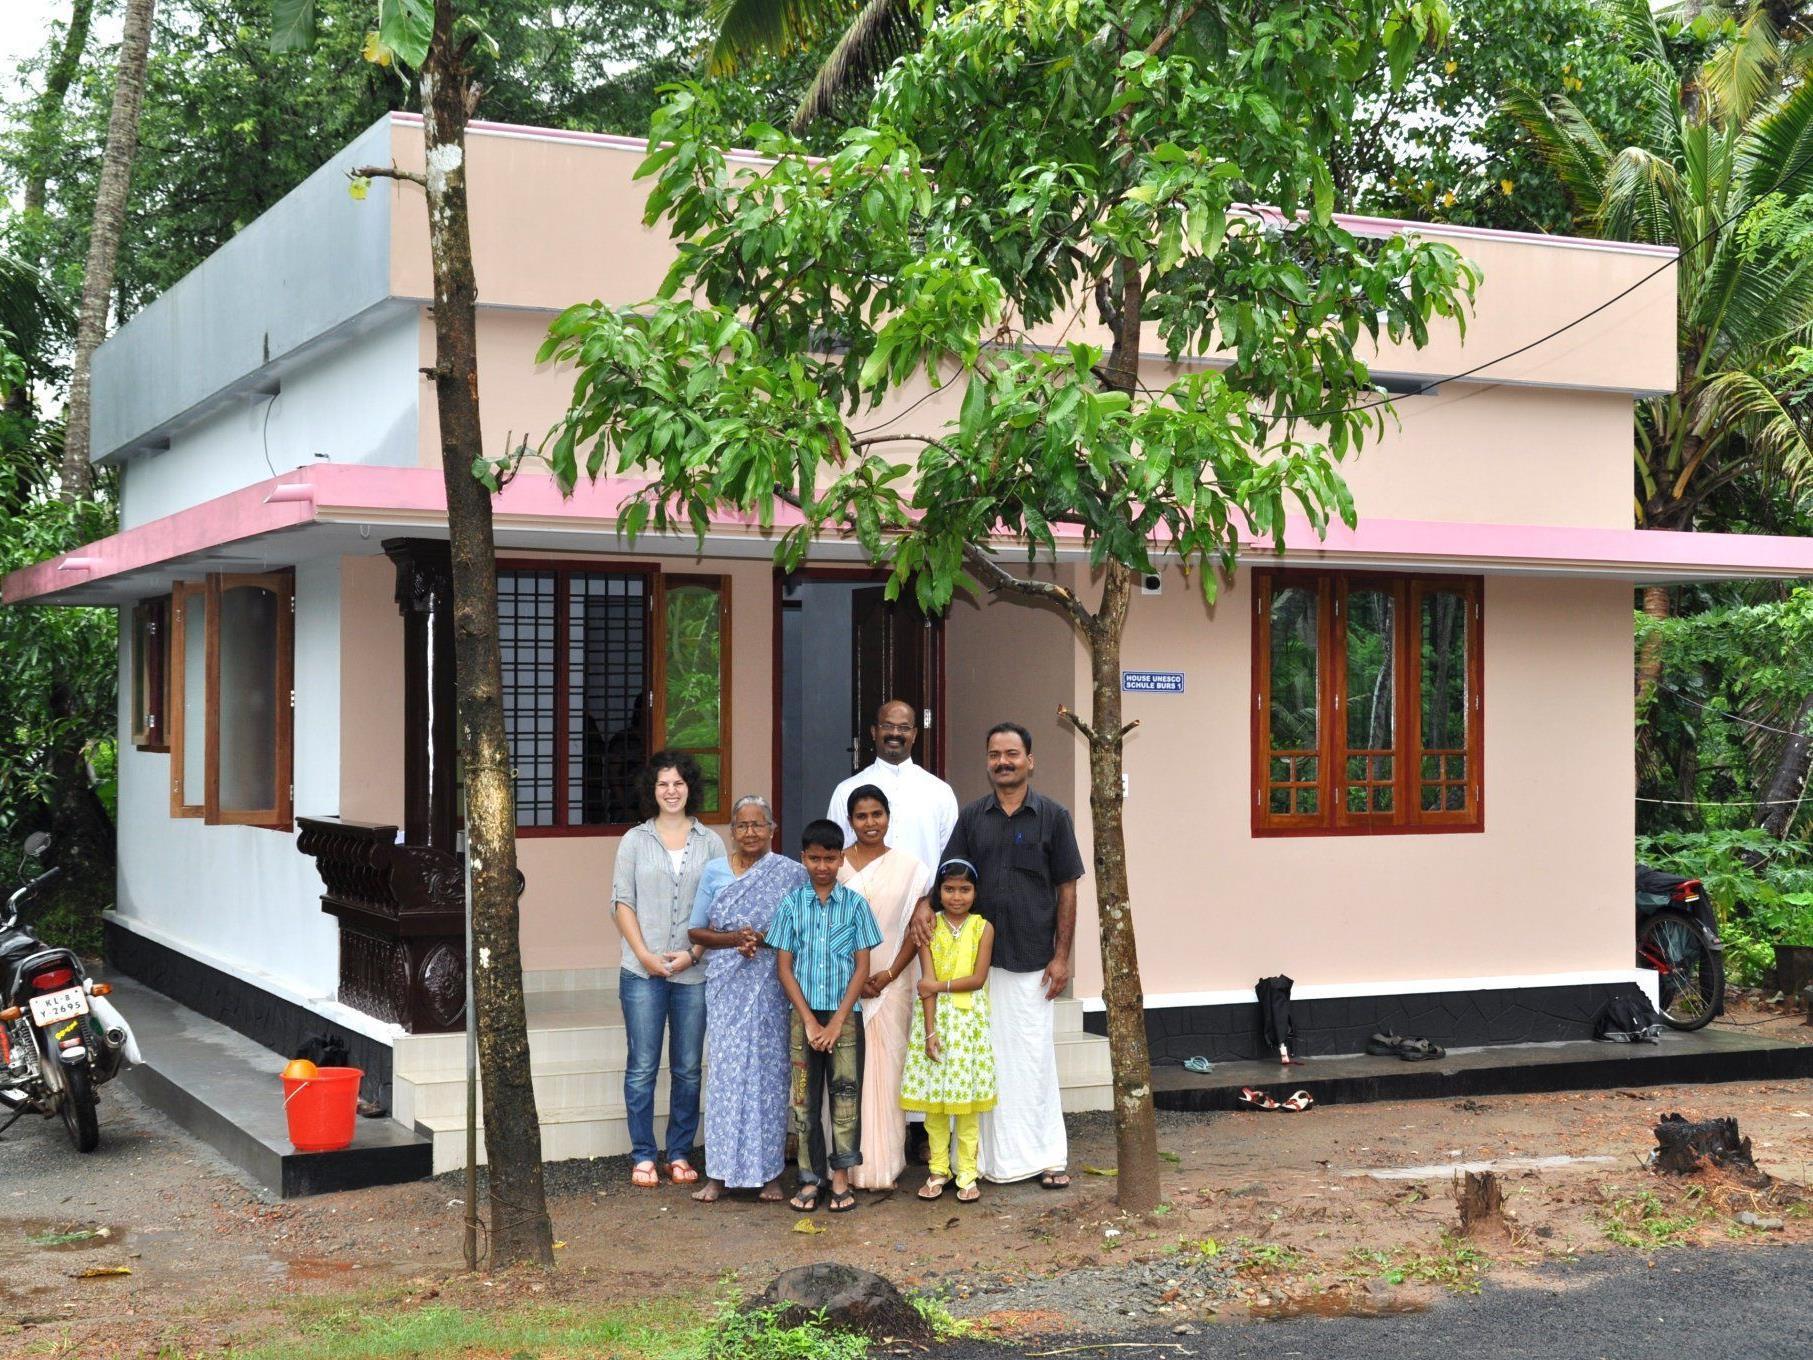 Durch das Engagement der Bürser  konnten neun Häuser in Indien finanziert werden.